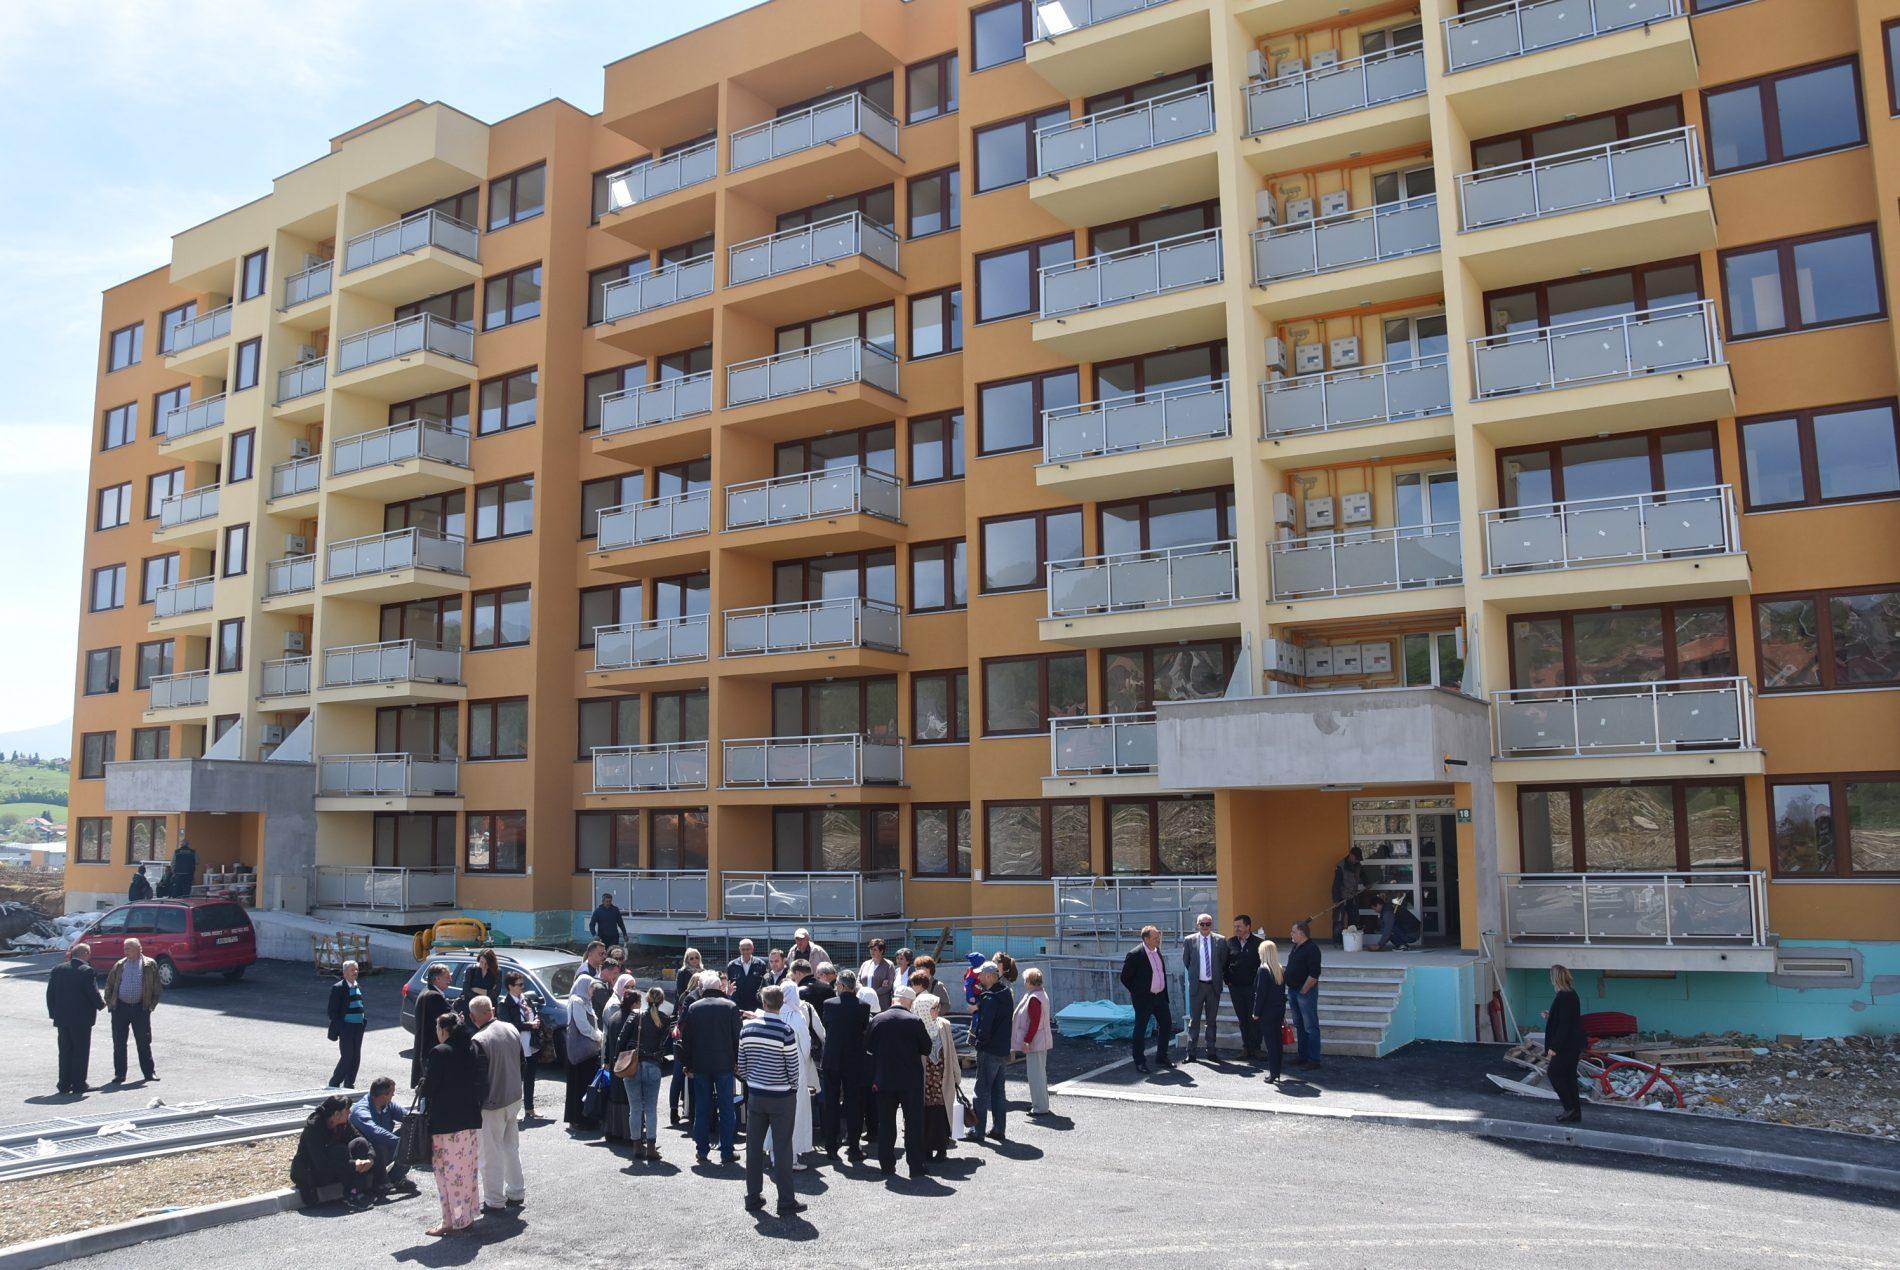 Ključeve stanova dobilo 28 pripadnika boračke populacije u Kantonu Sarajevo